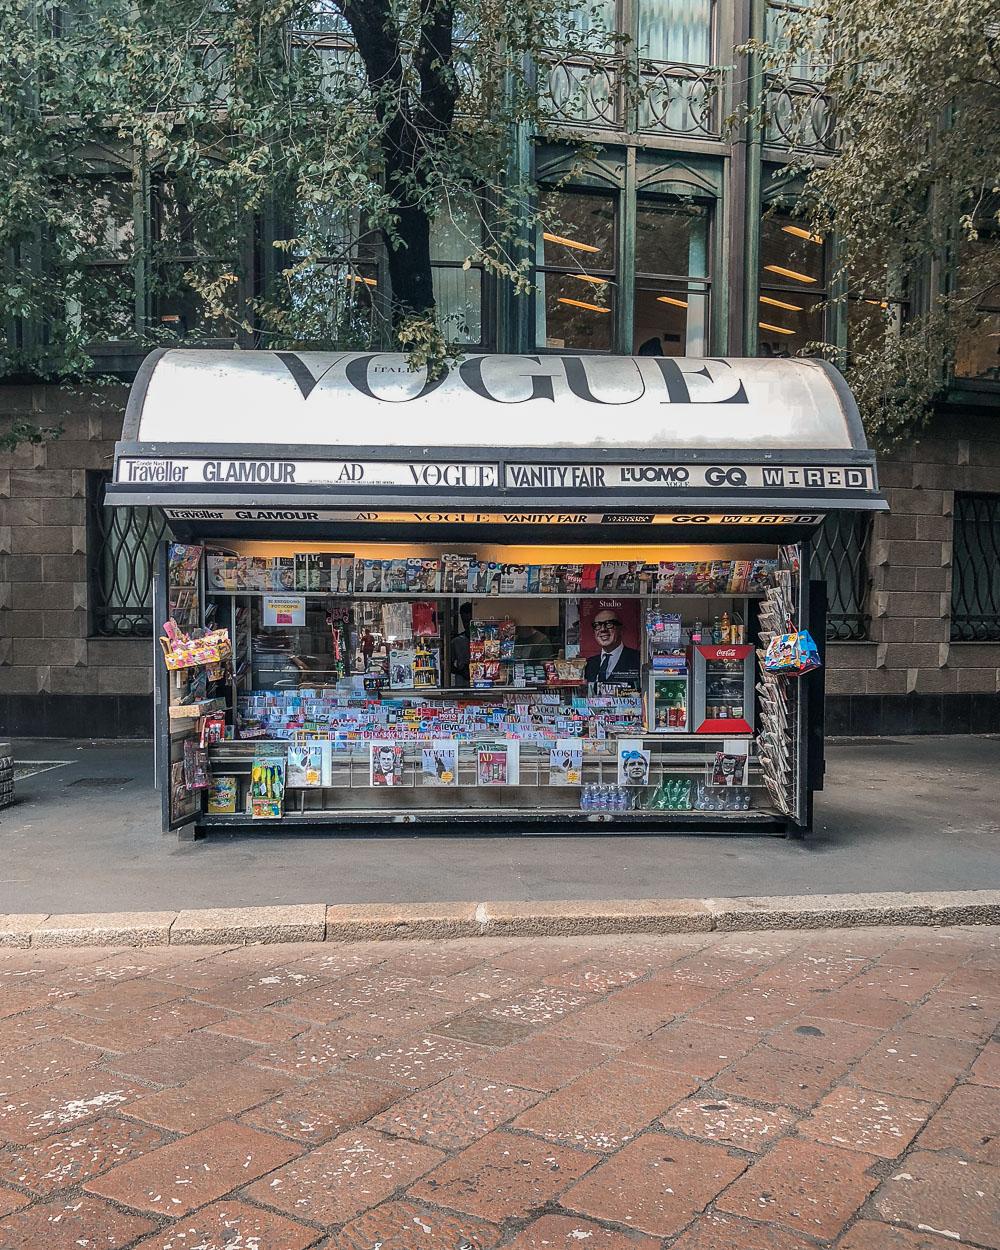 Vogue Stand Kiosk Mailand Milano